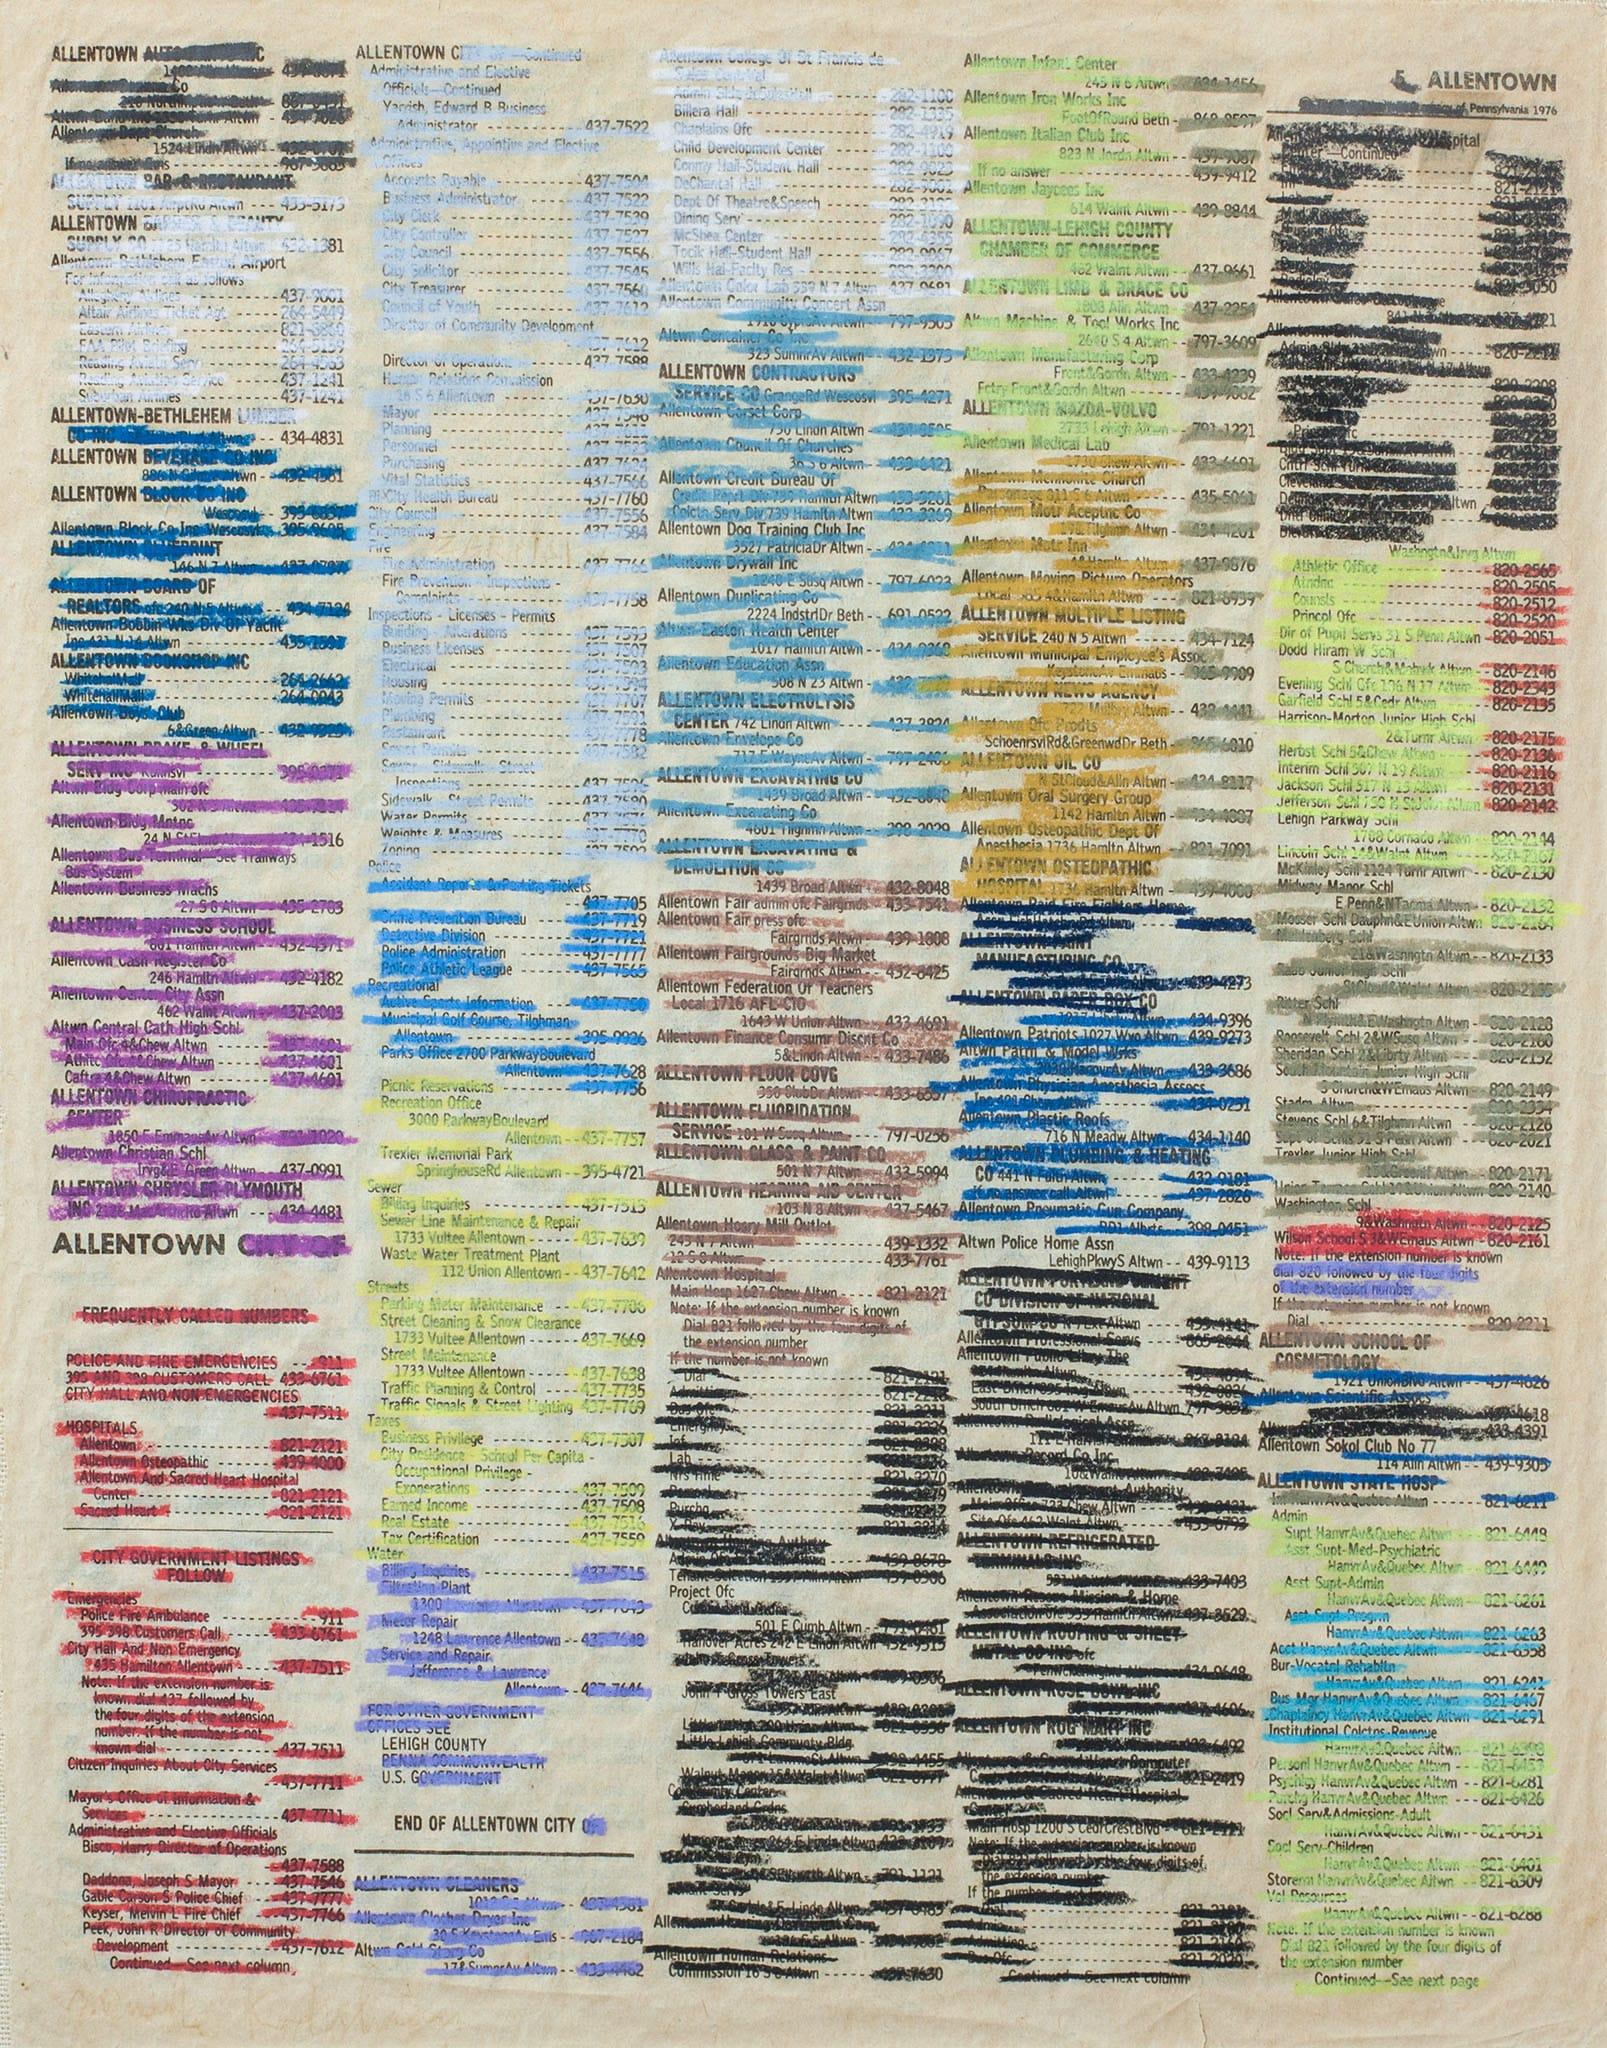 """מנשה קדישמן, """"קרדיגרמה - אלנטאון"""", פנדה על דף ספר טלפונים, 22x28 ס""""מ"""